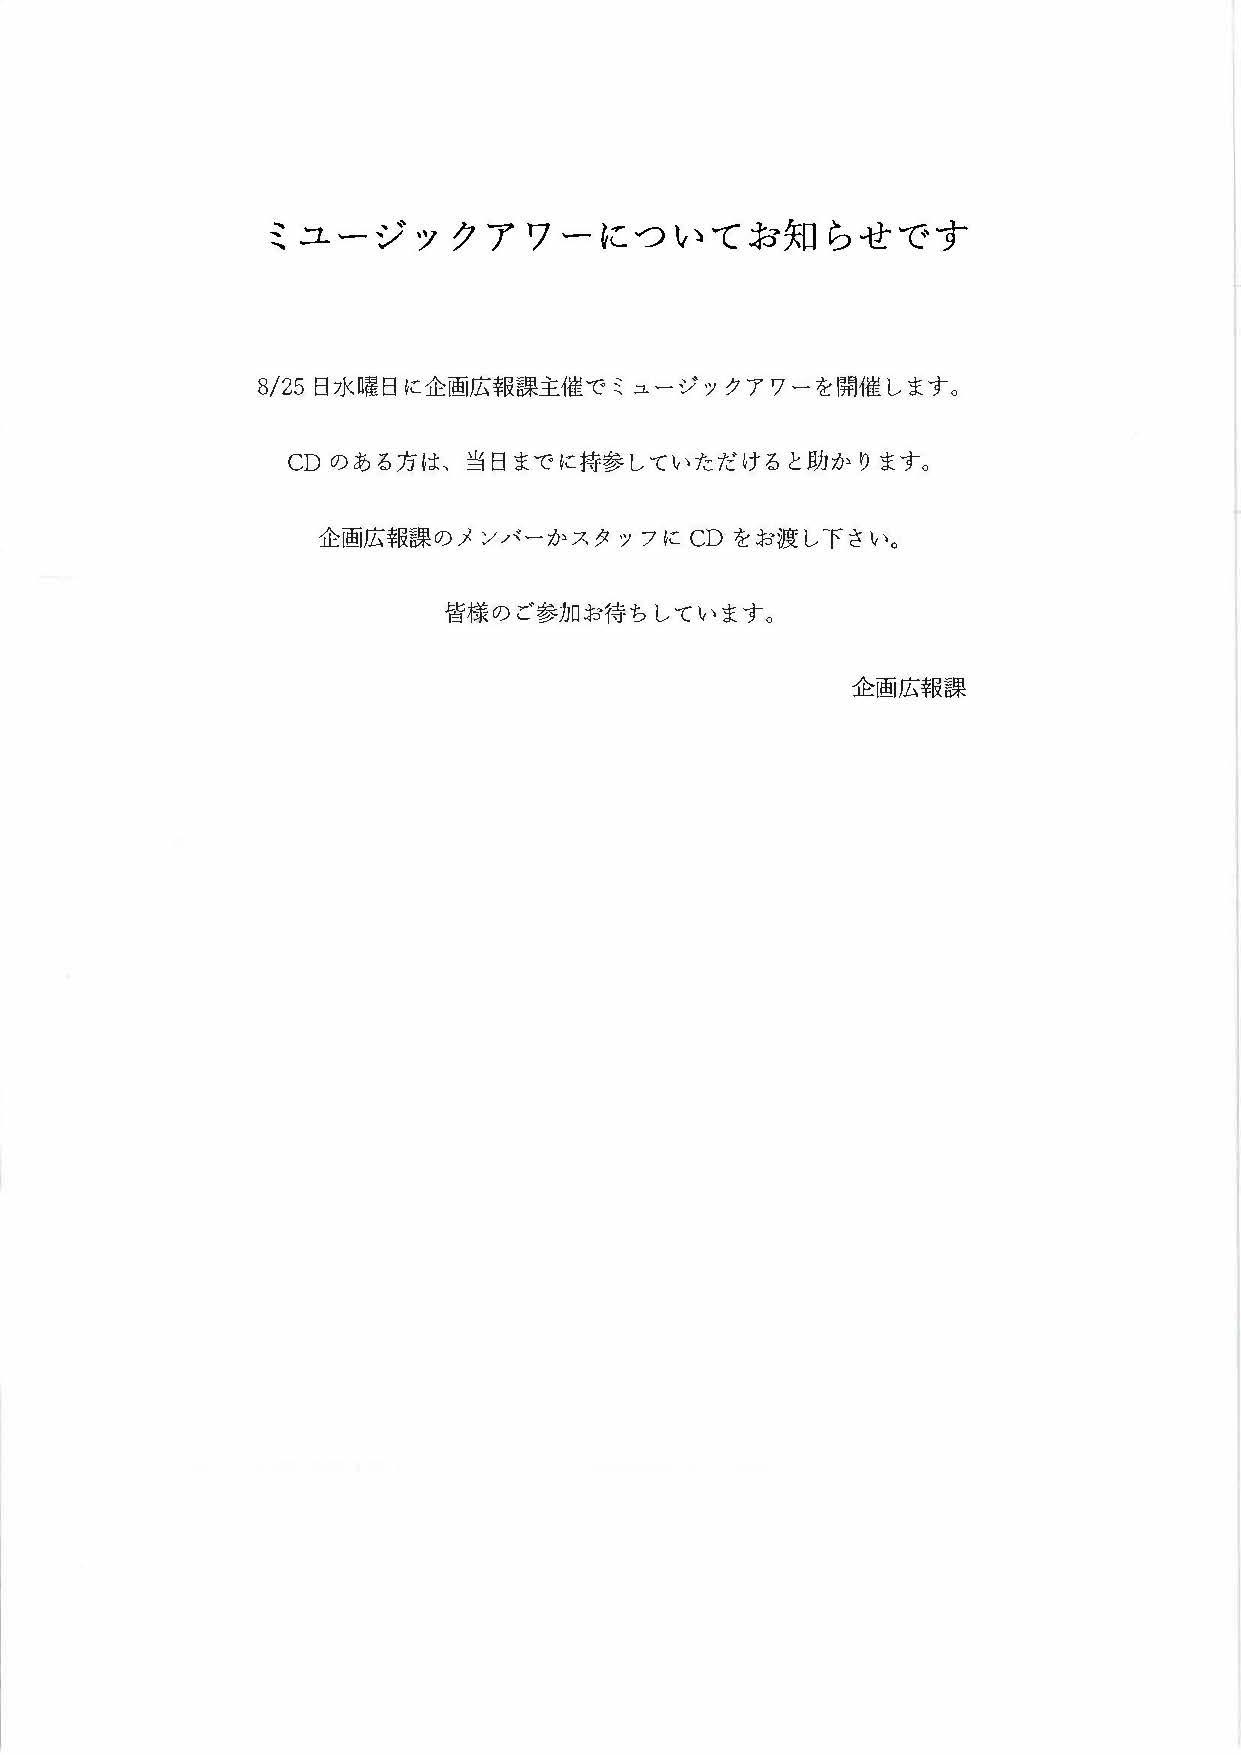 ウェルビー静岡駅前センターイベント告知文